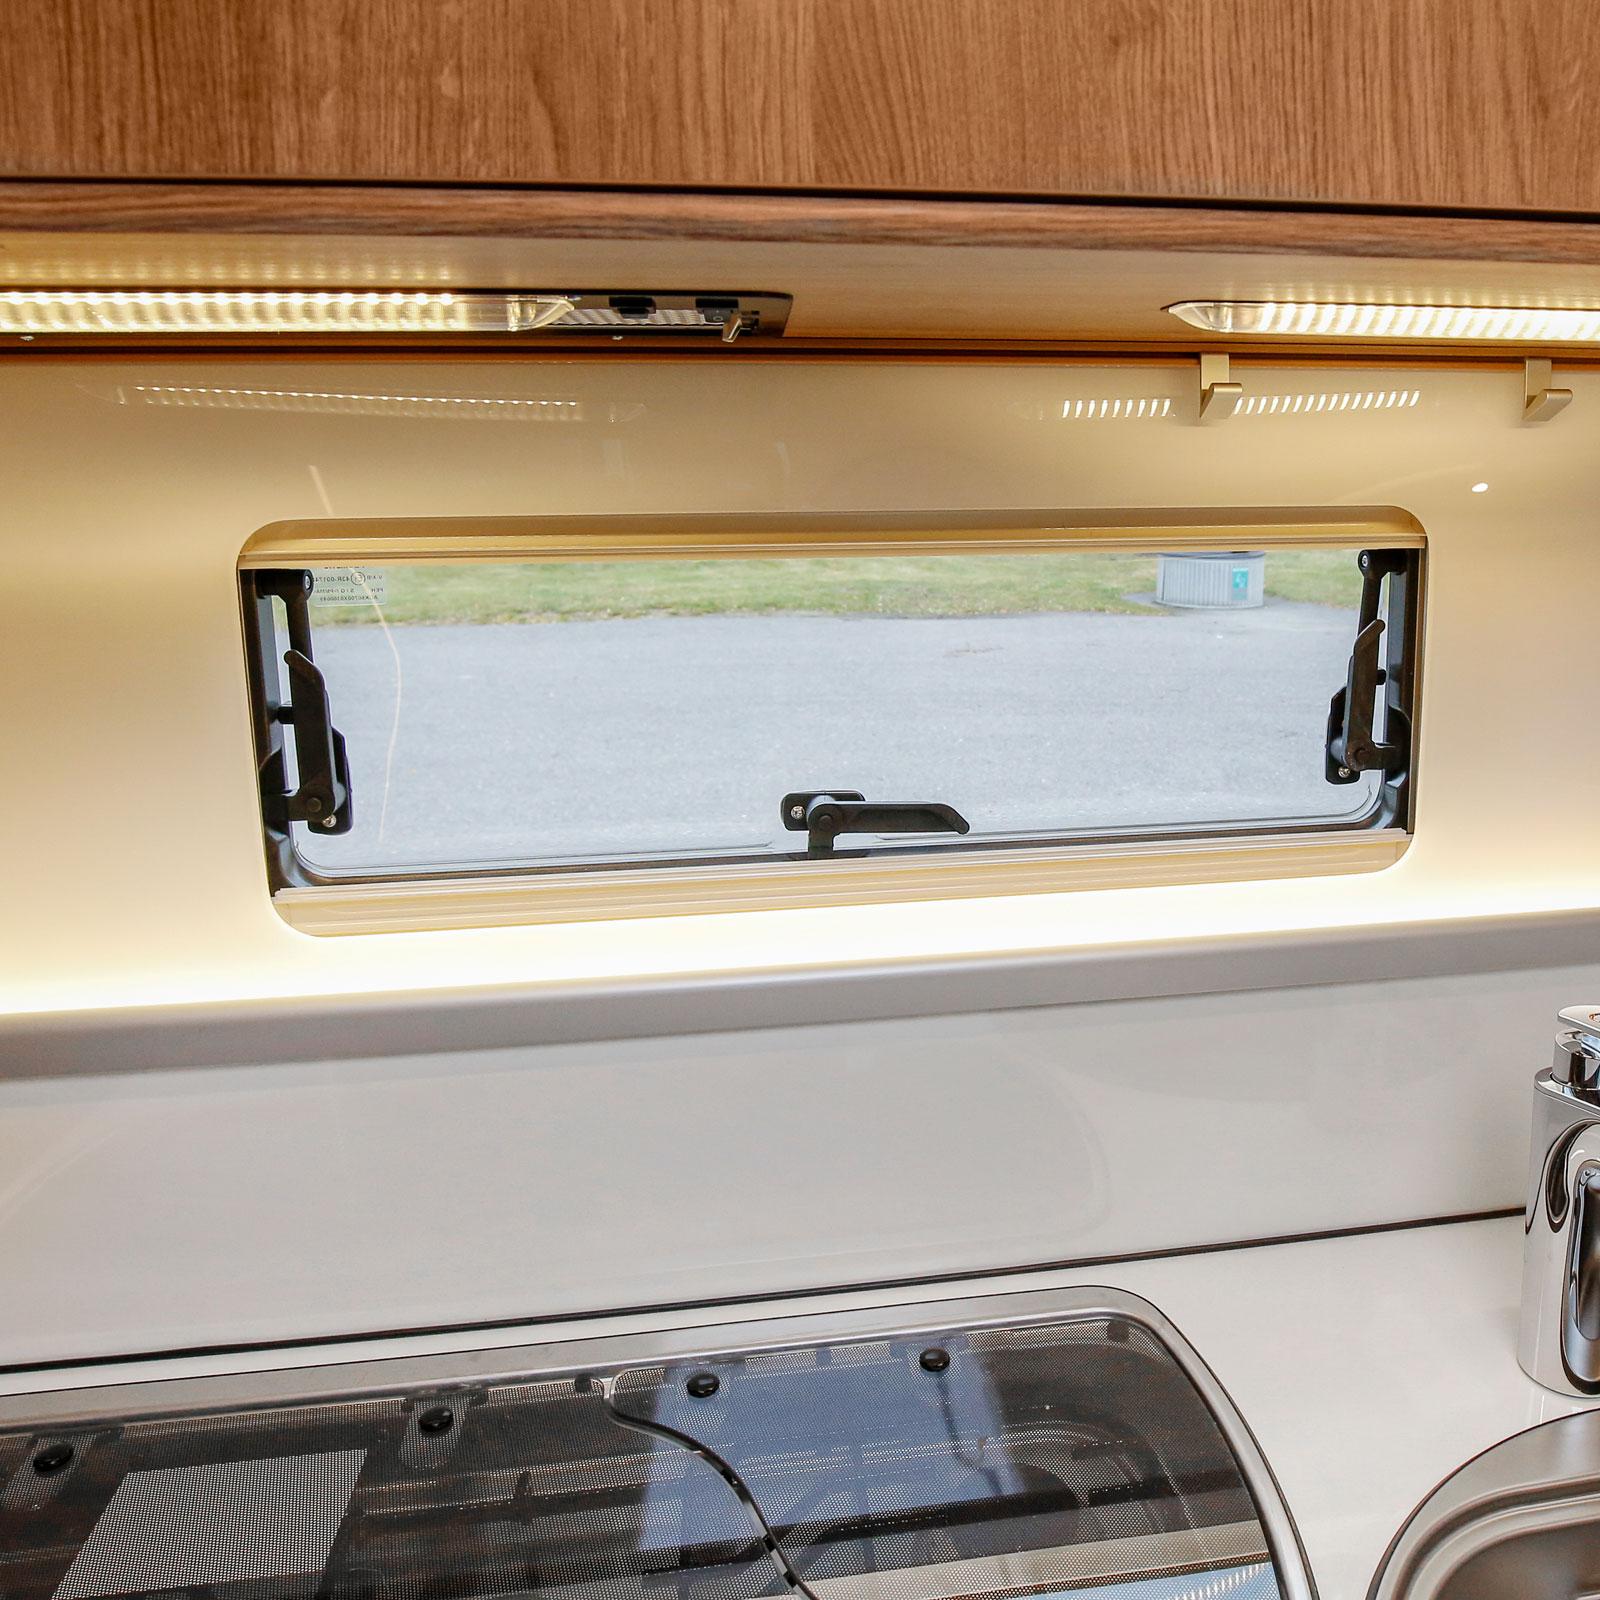 Köksväggen är elegant med ett brett köksfönster.